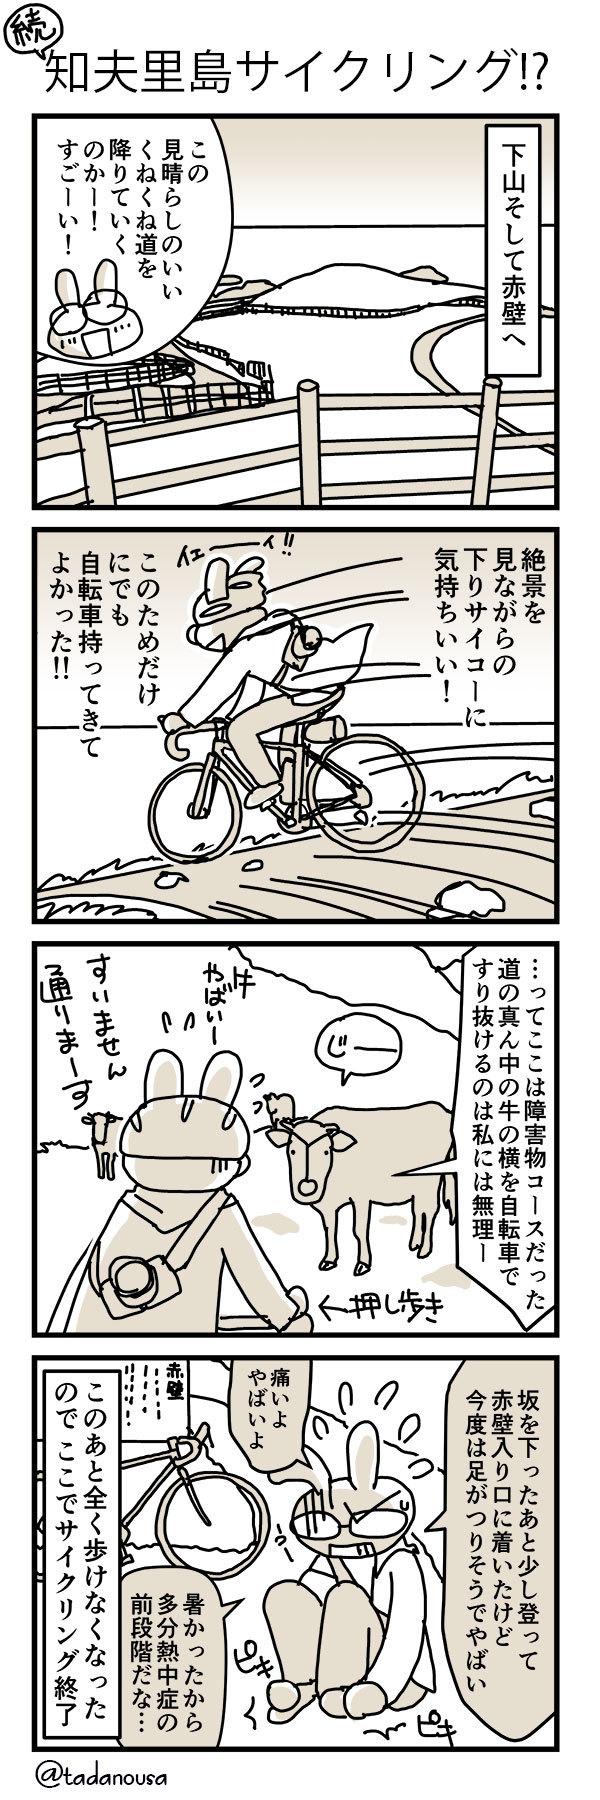 知夫里島サイクリング?2